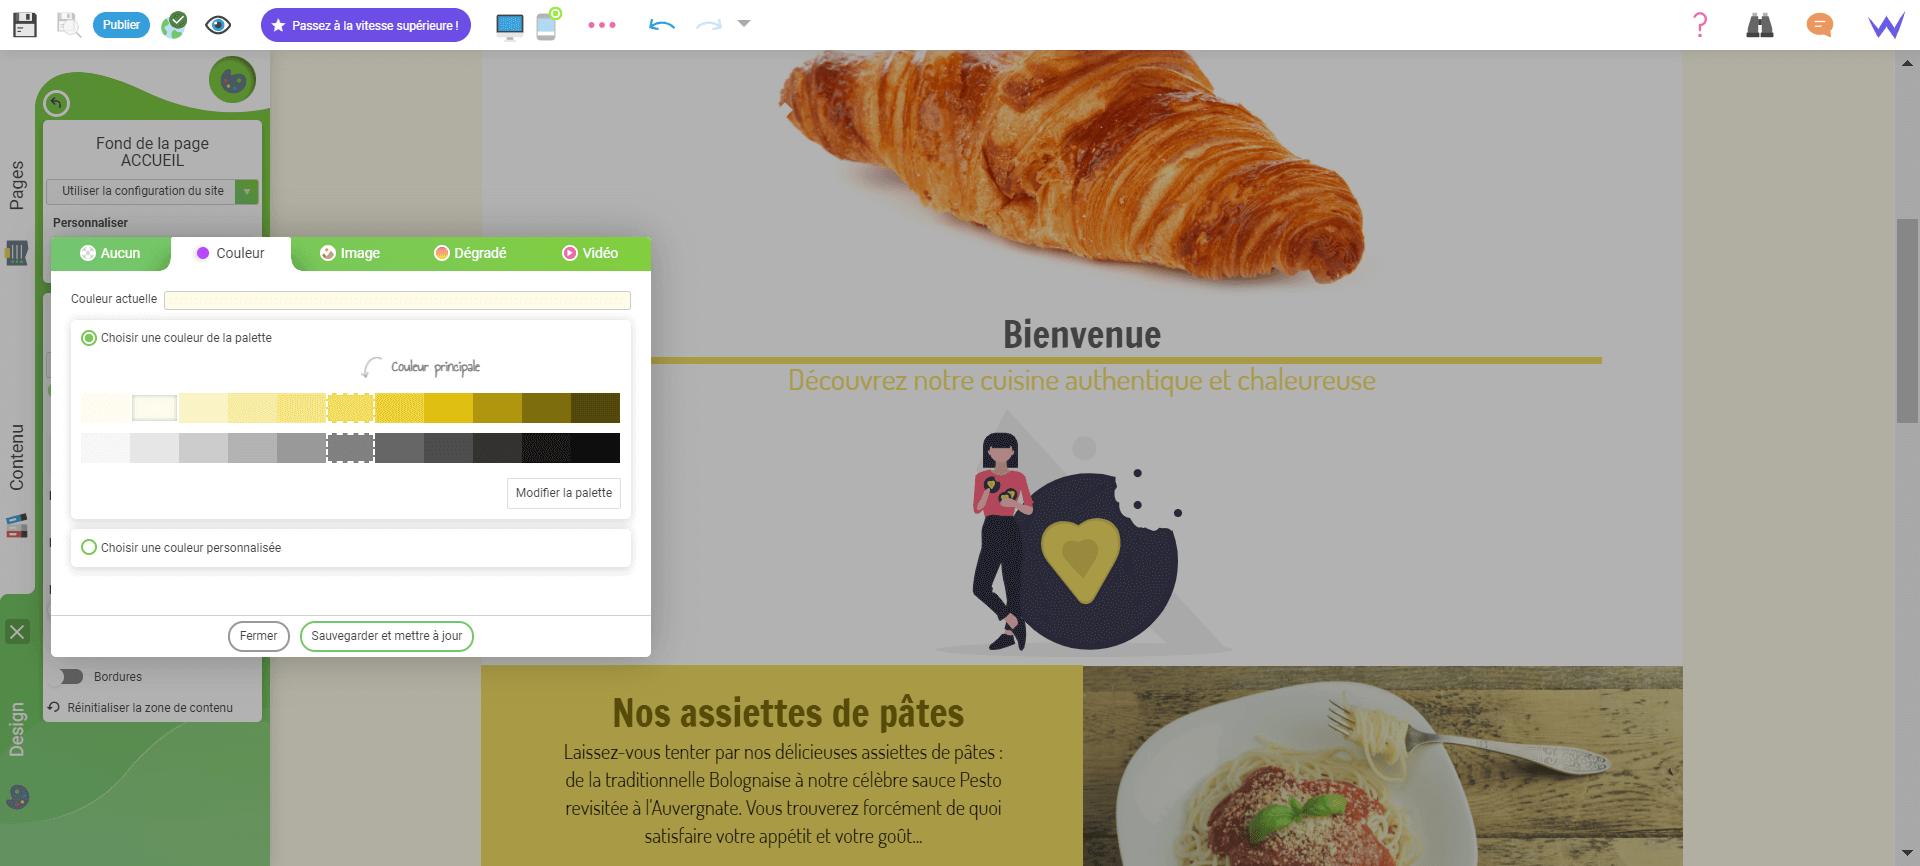 cuisine14.jpg